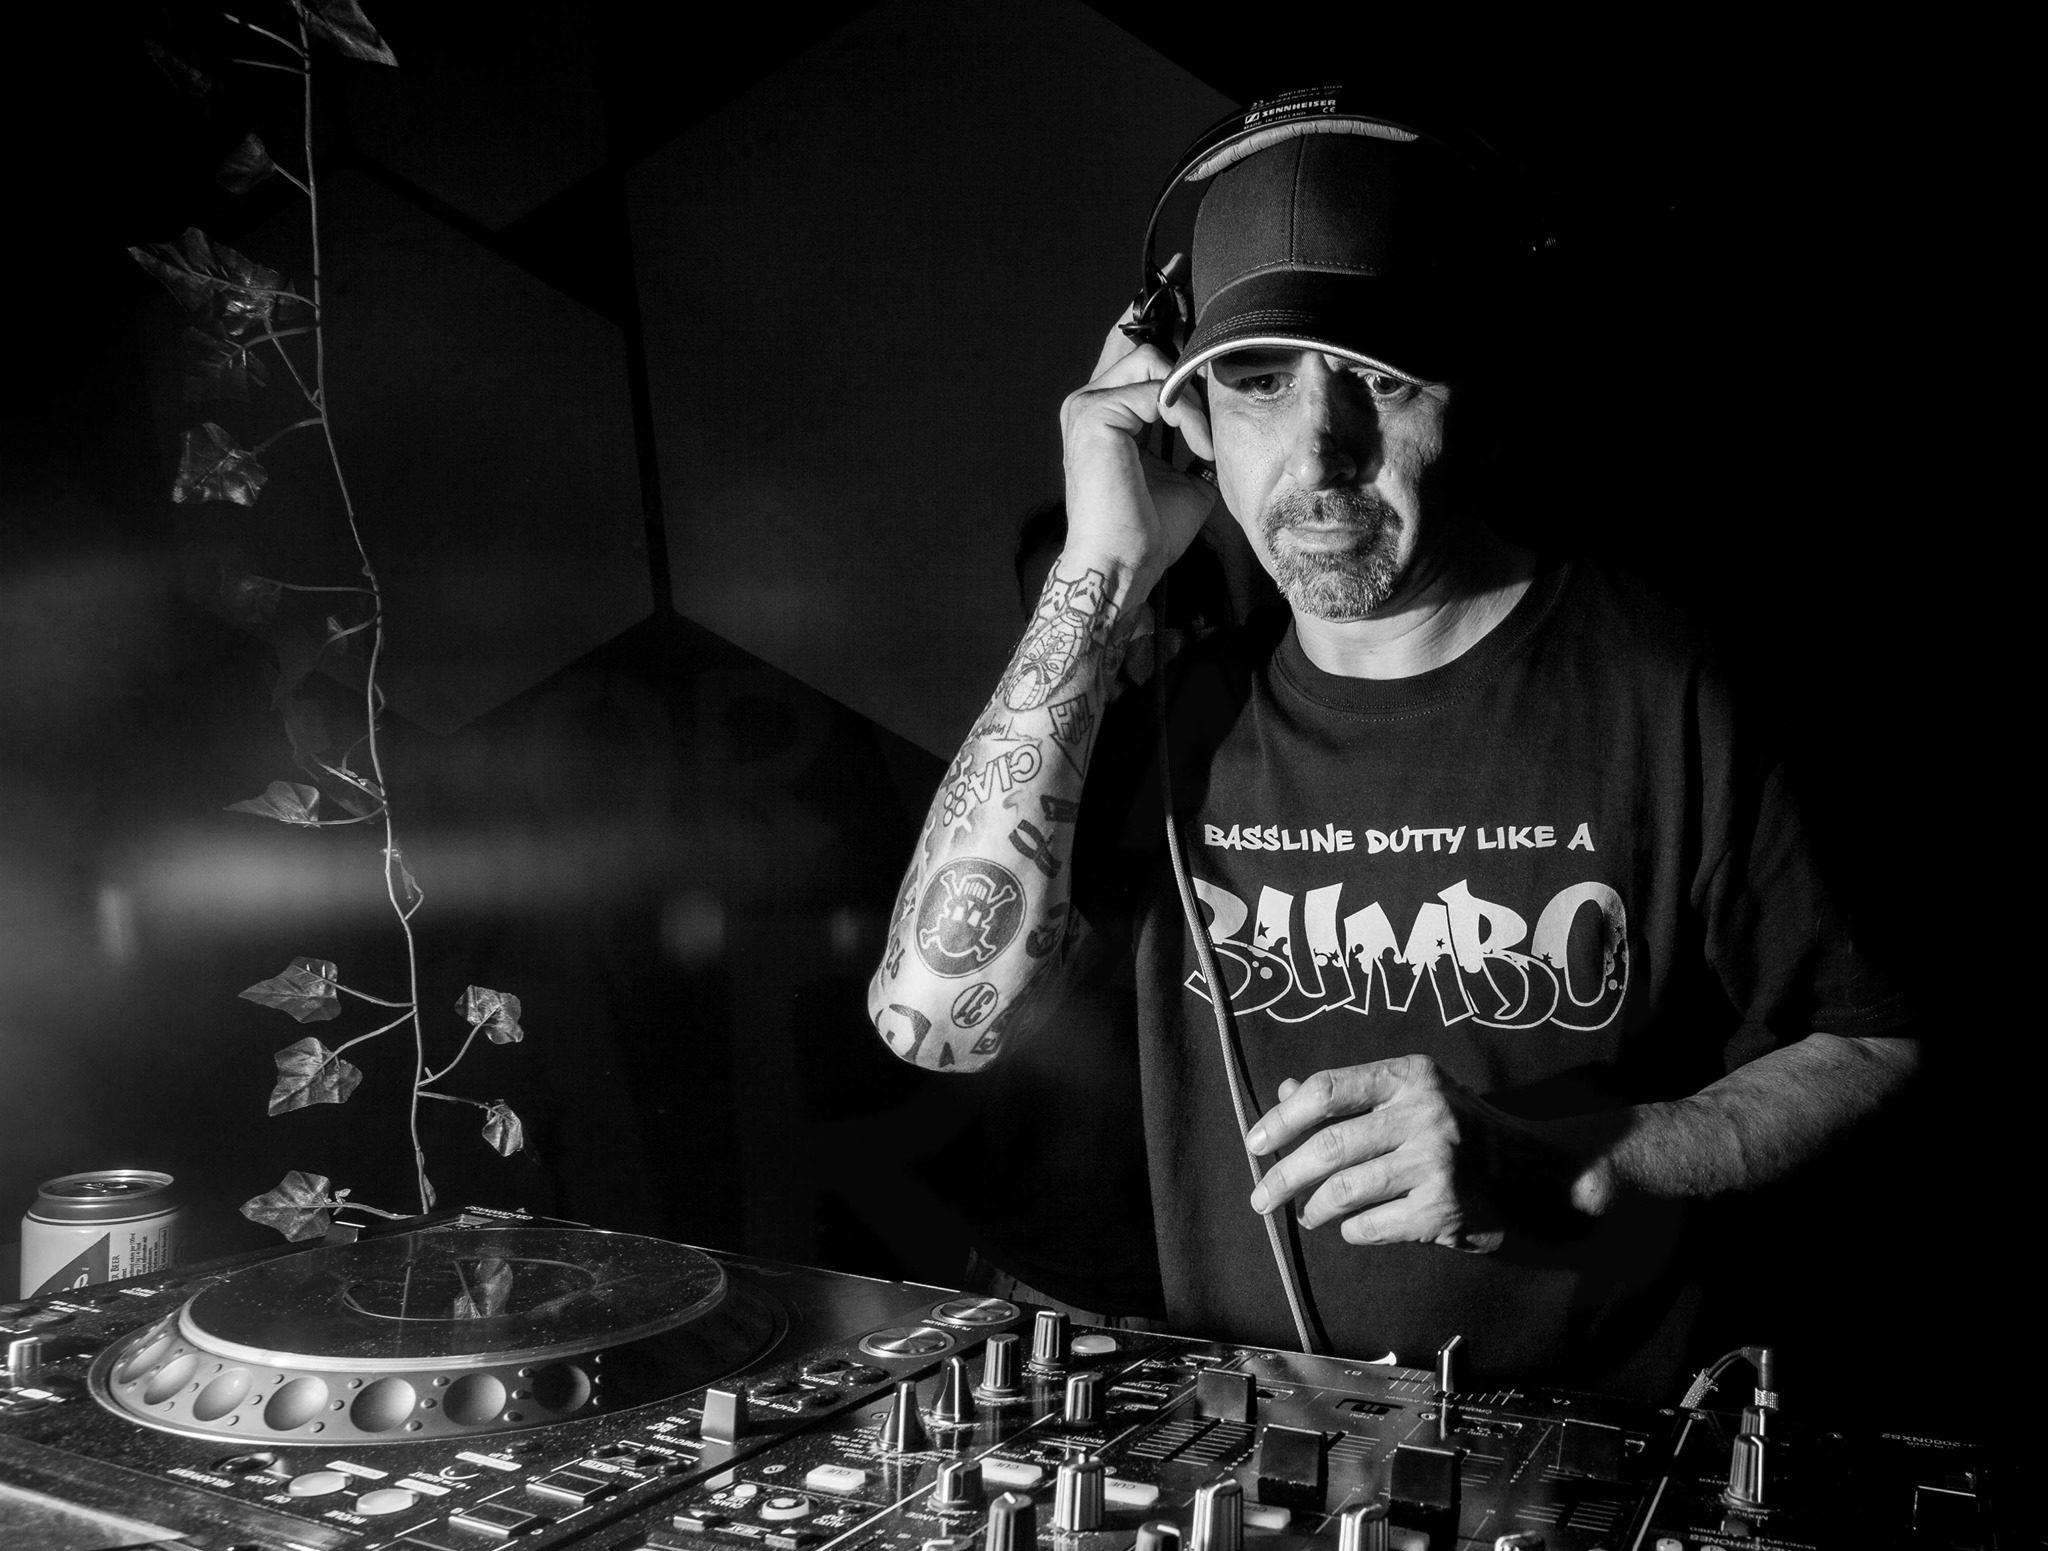 DJ Kella